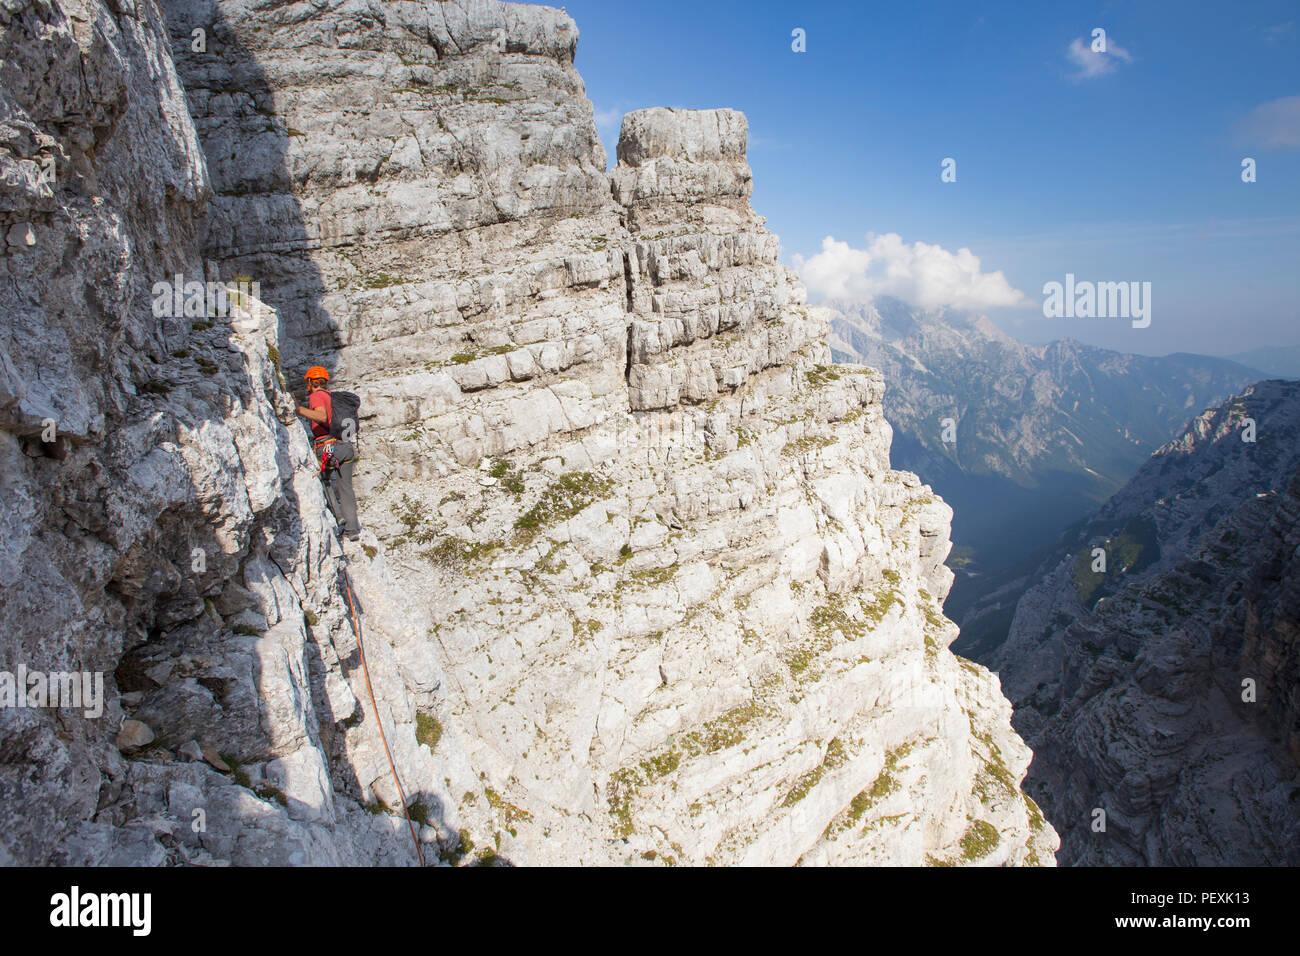 Guide de Haute Montagne randonnée pédestre le long de falaise pendant la montée du Mont Triglav, Slovénie Photo Stock